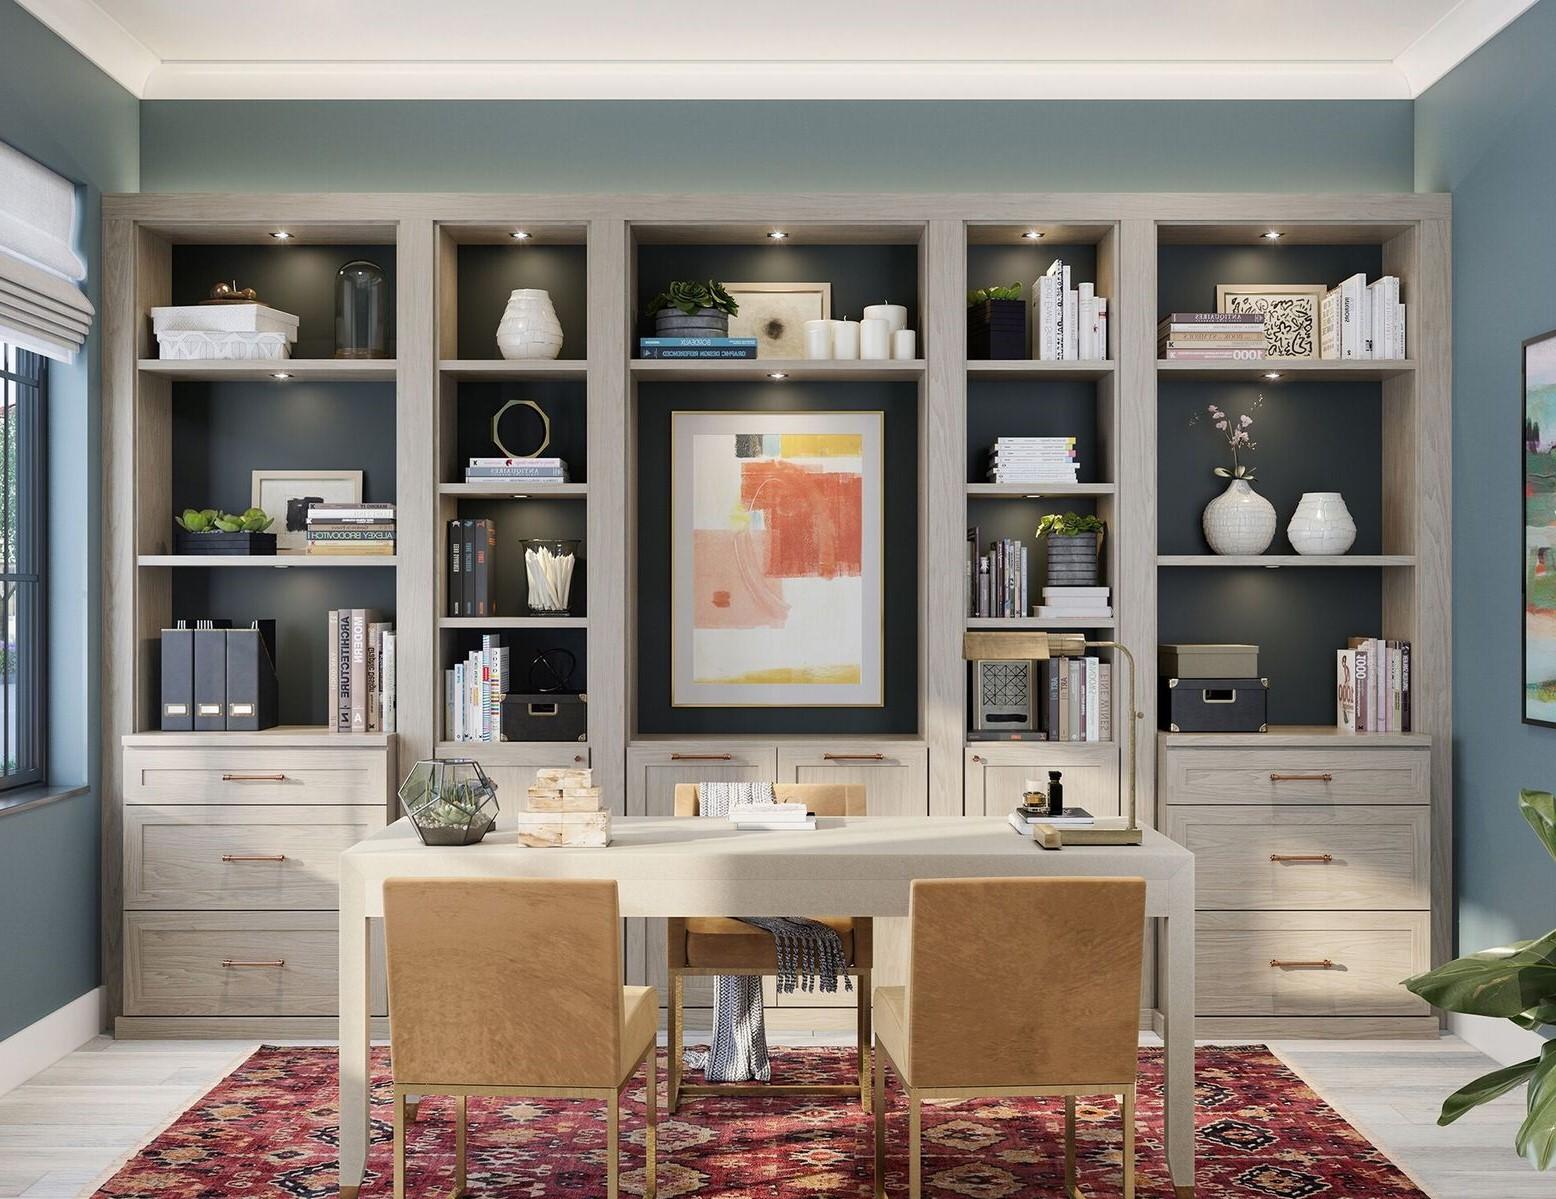 Les classeurs ne sont pas les meubles les plus attrayants, mais vous avez besoin d'un endroit pour ranger les papiers que vous utilisez fréquemment.